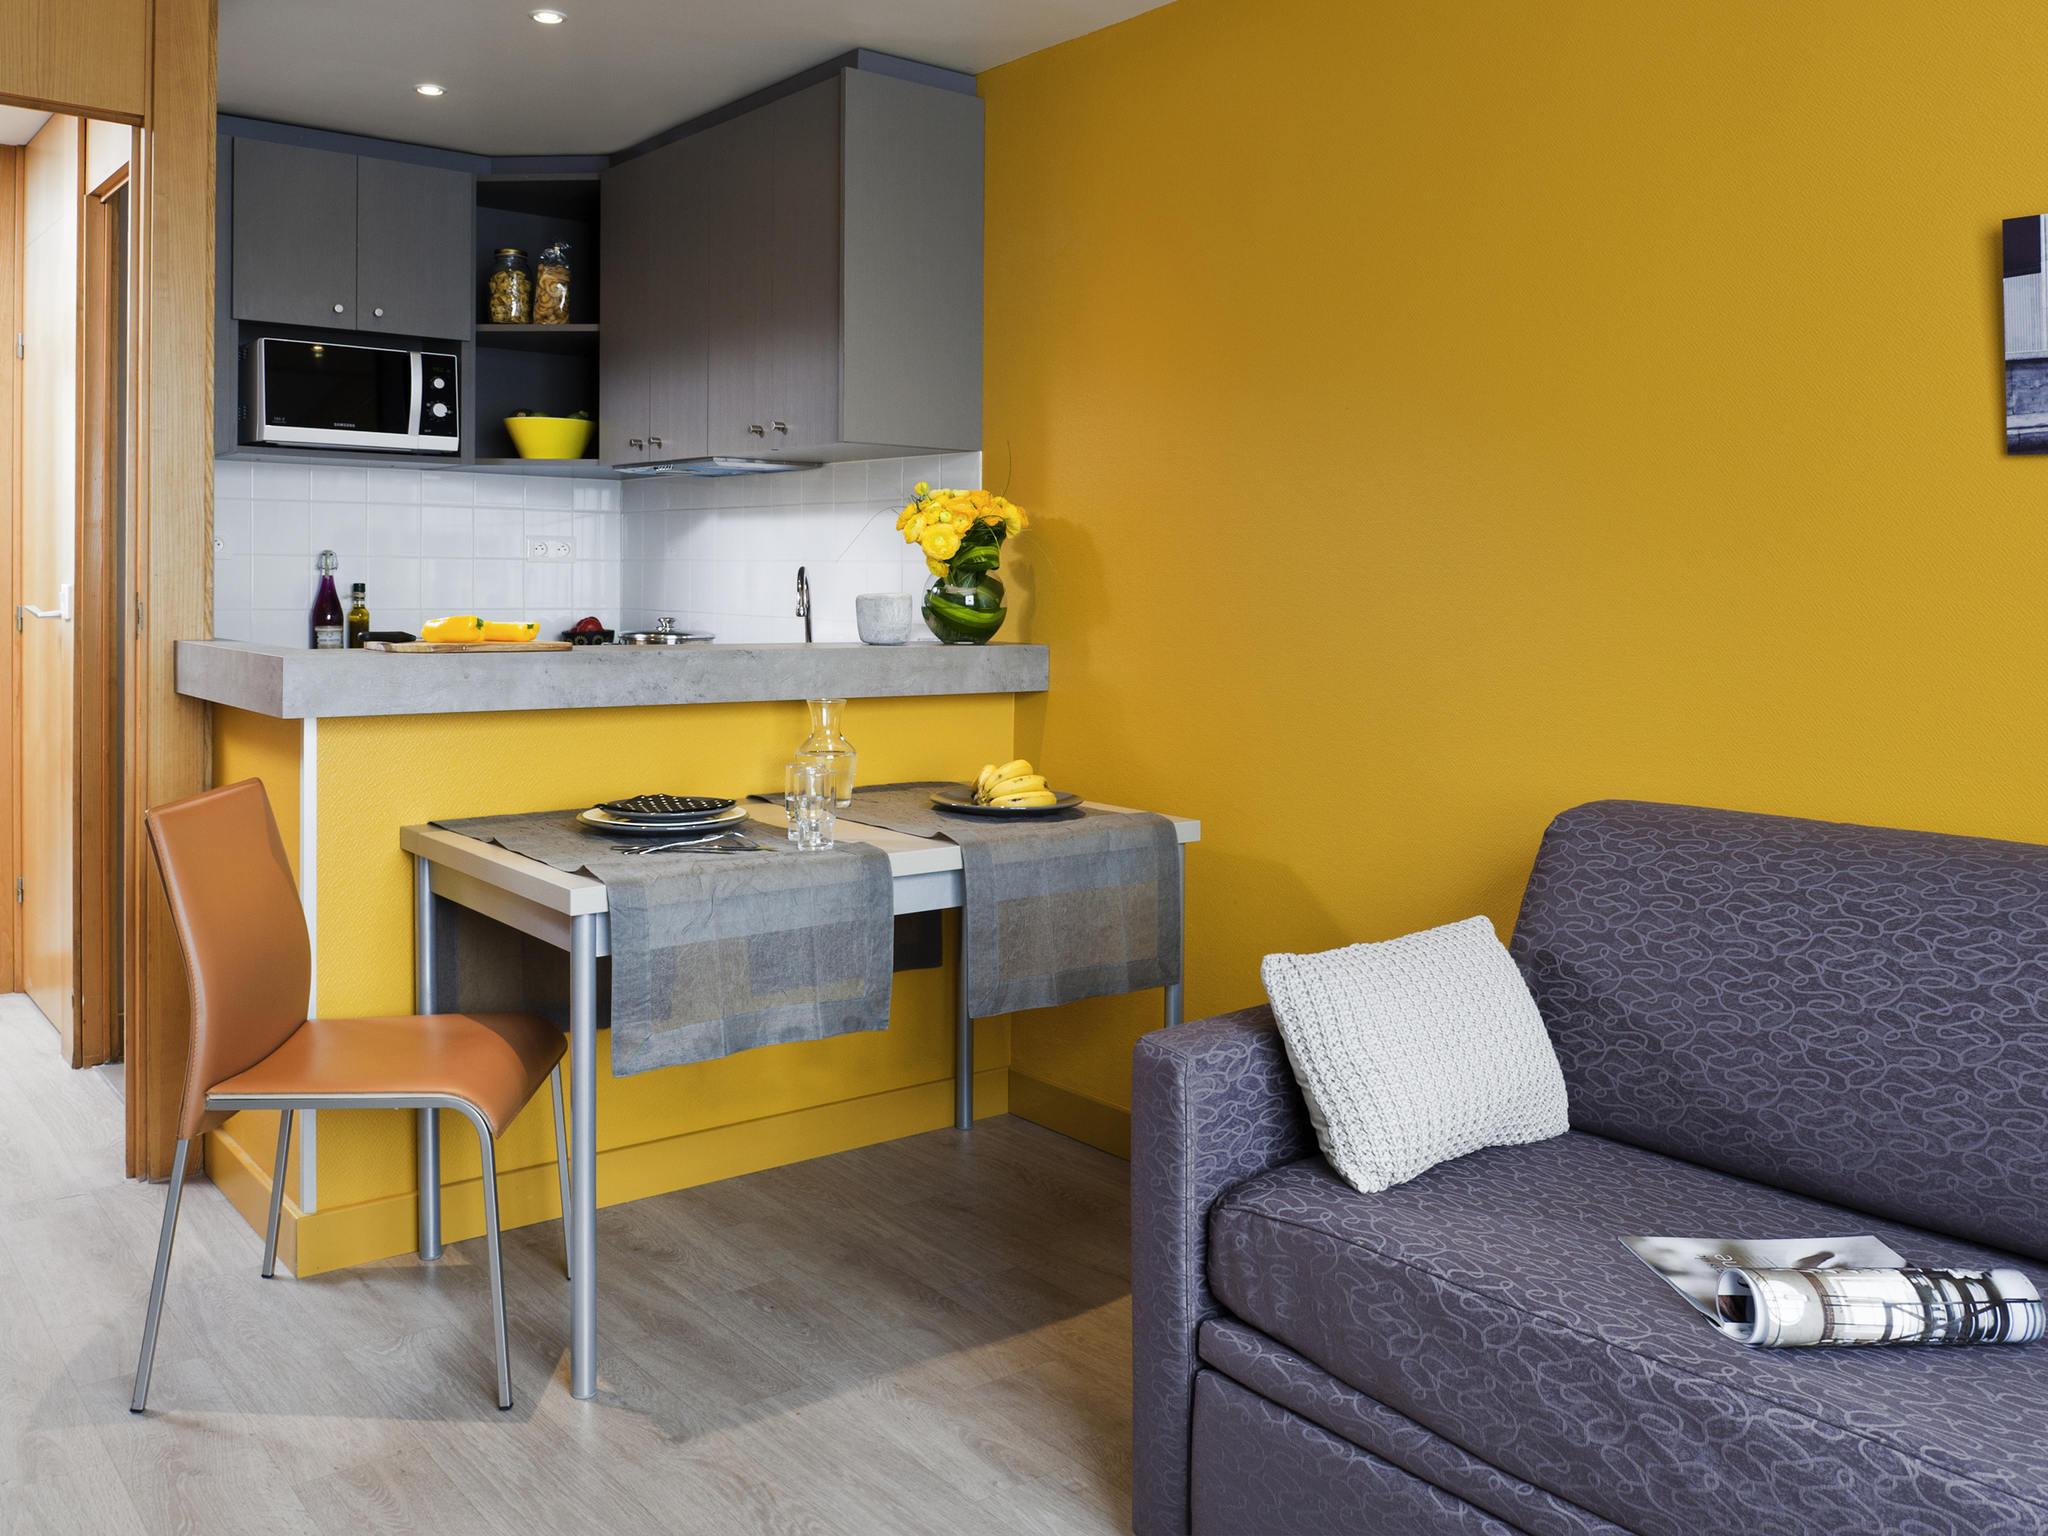 Hotel in paris aparthotel adagio paris xv for Apparthotel en france